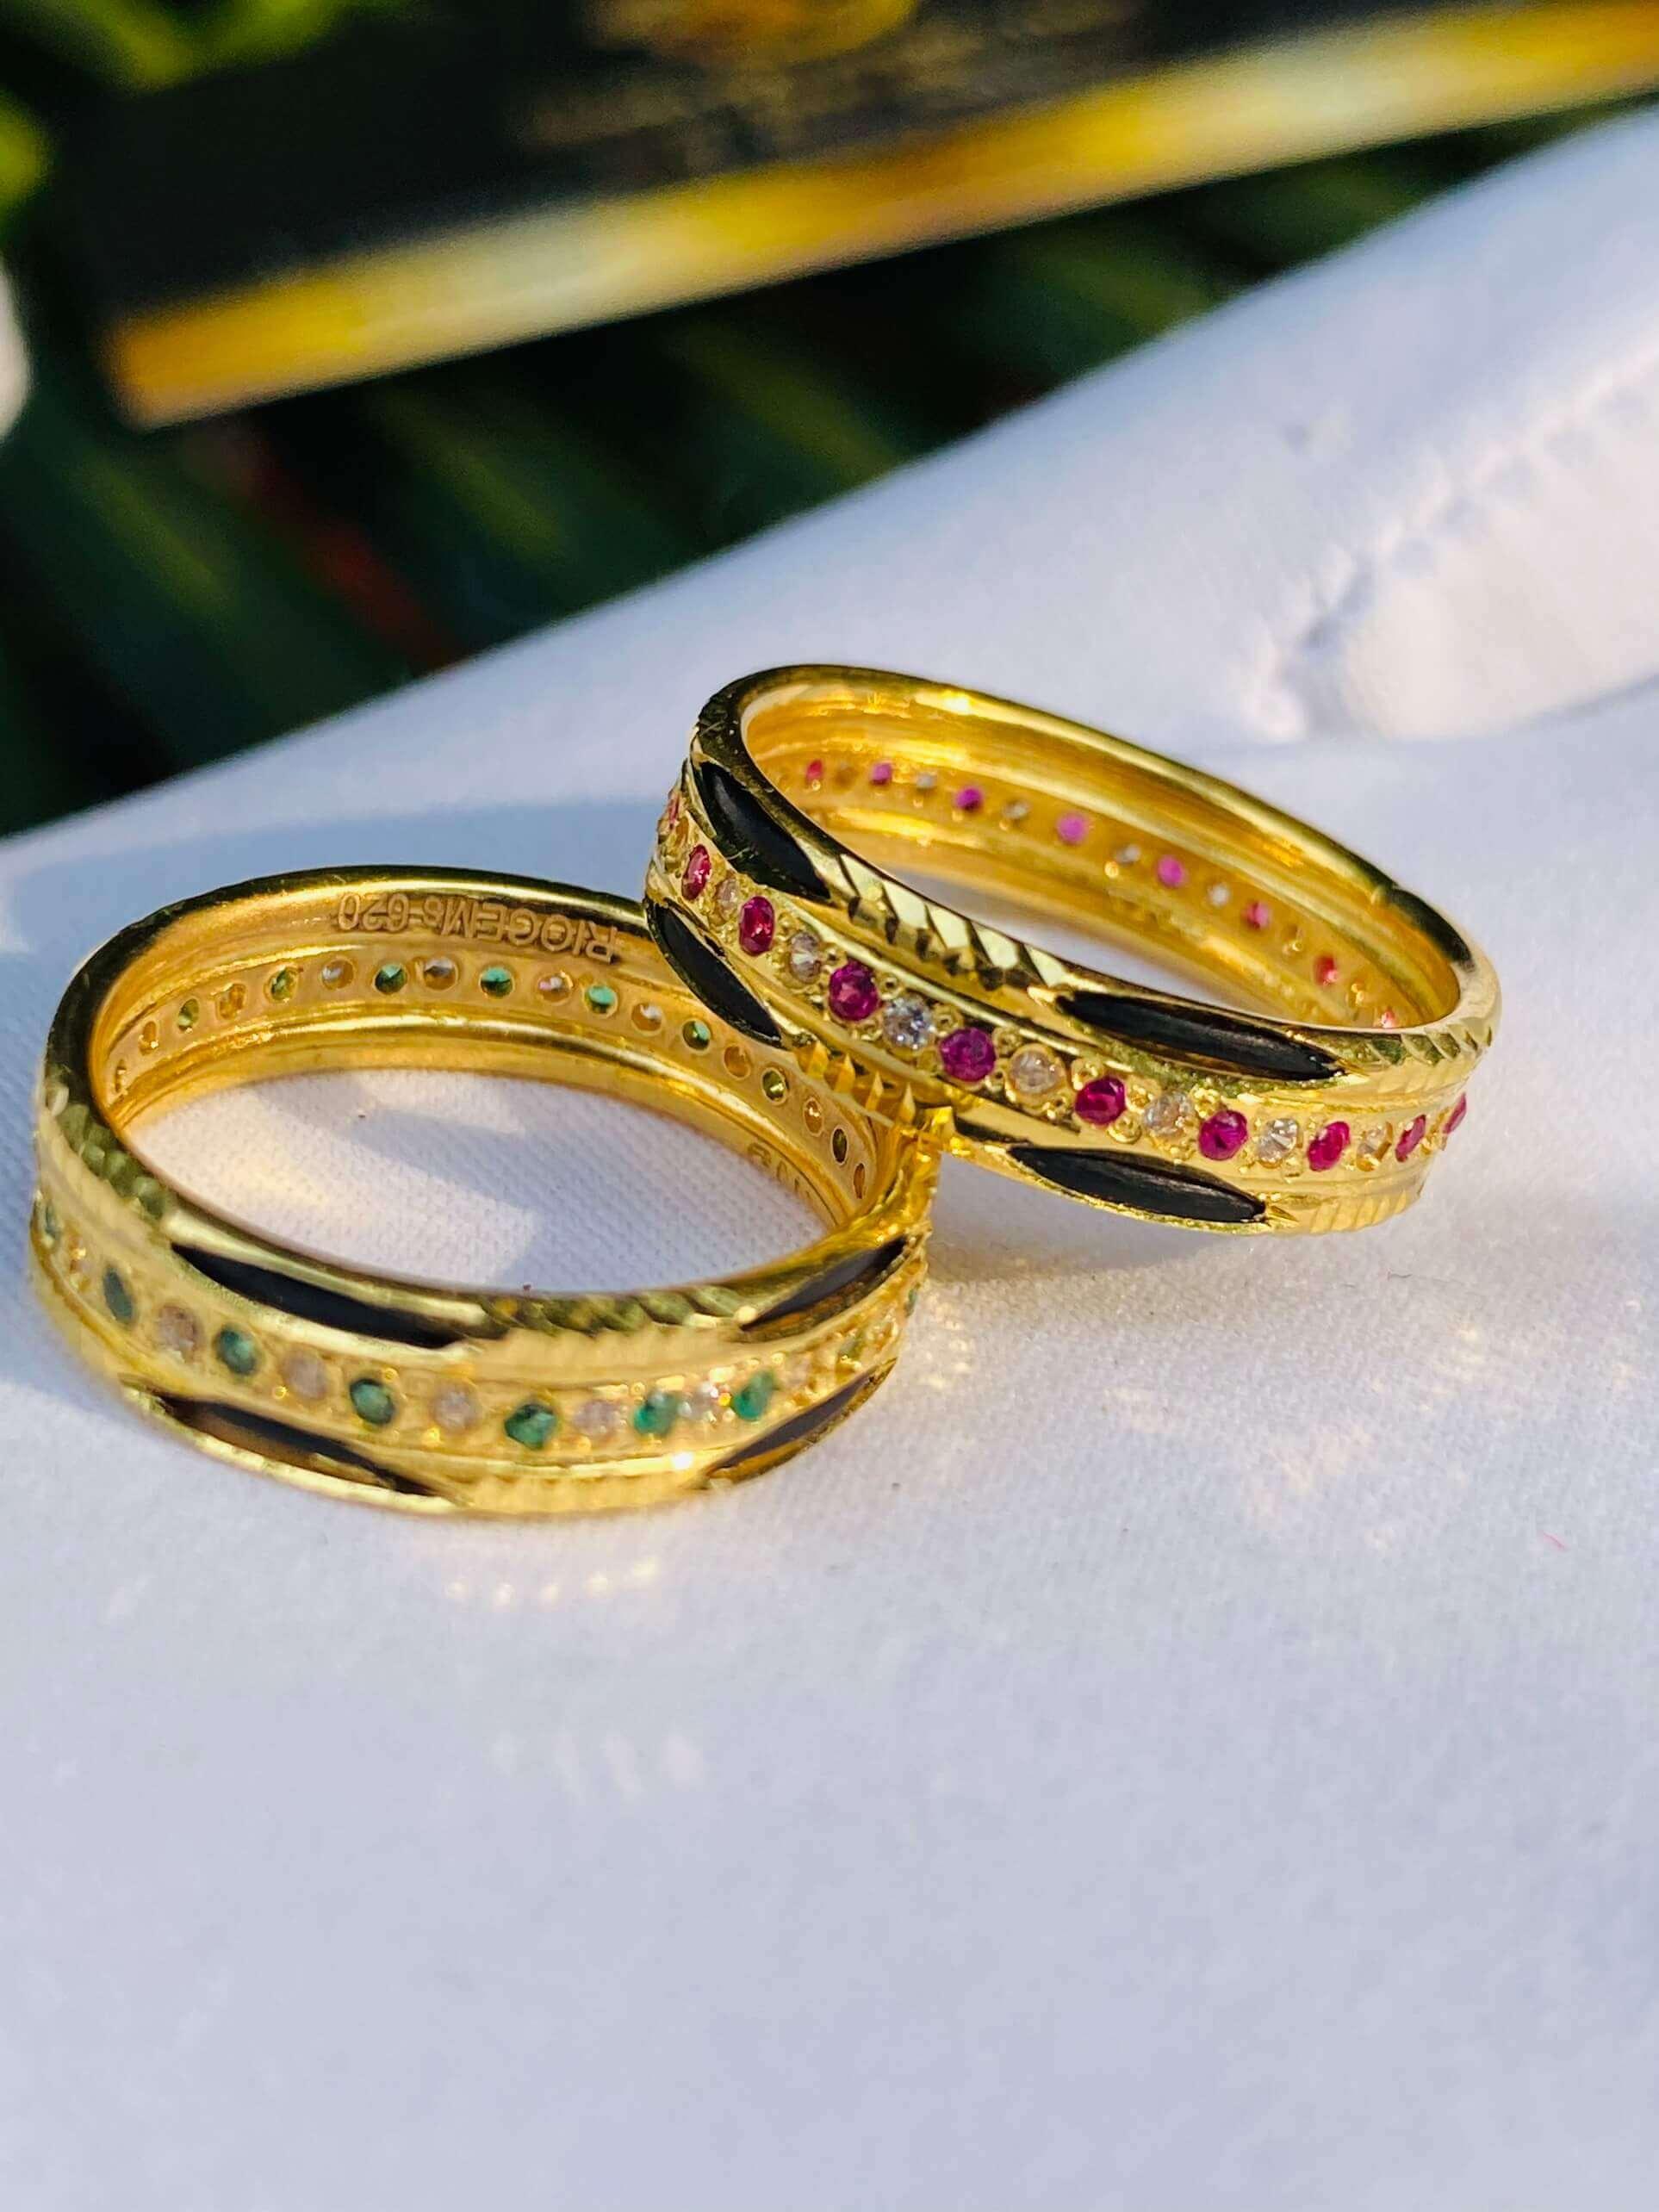 Nhẫn vàng luồng 2 Lông 1 hàng đá xen kẽ (lông FAKE) tinh tế